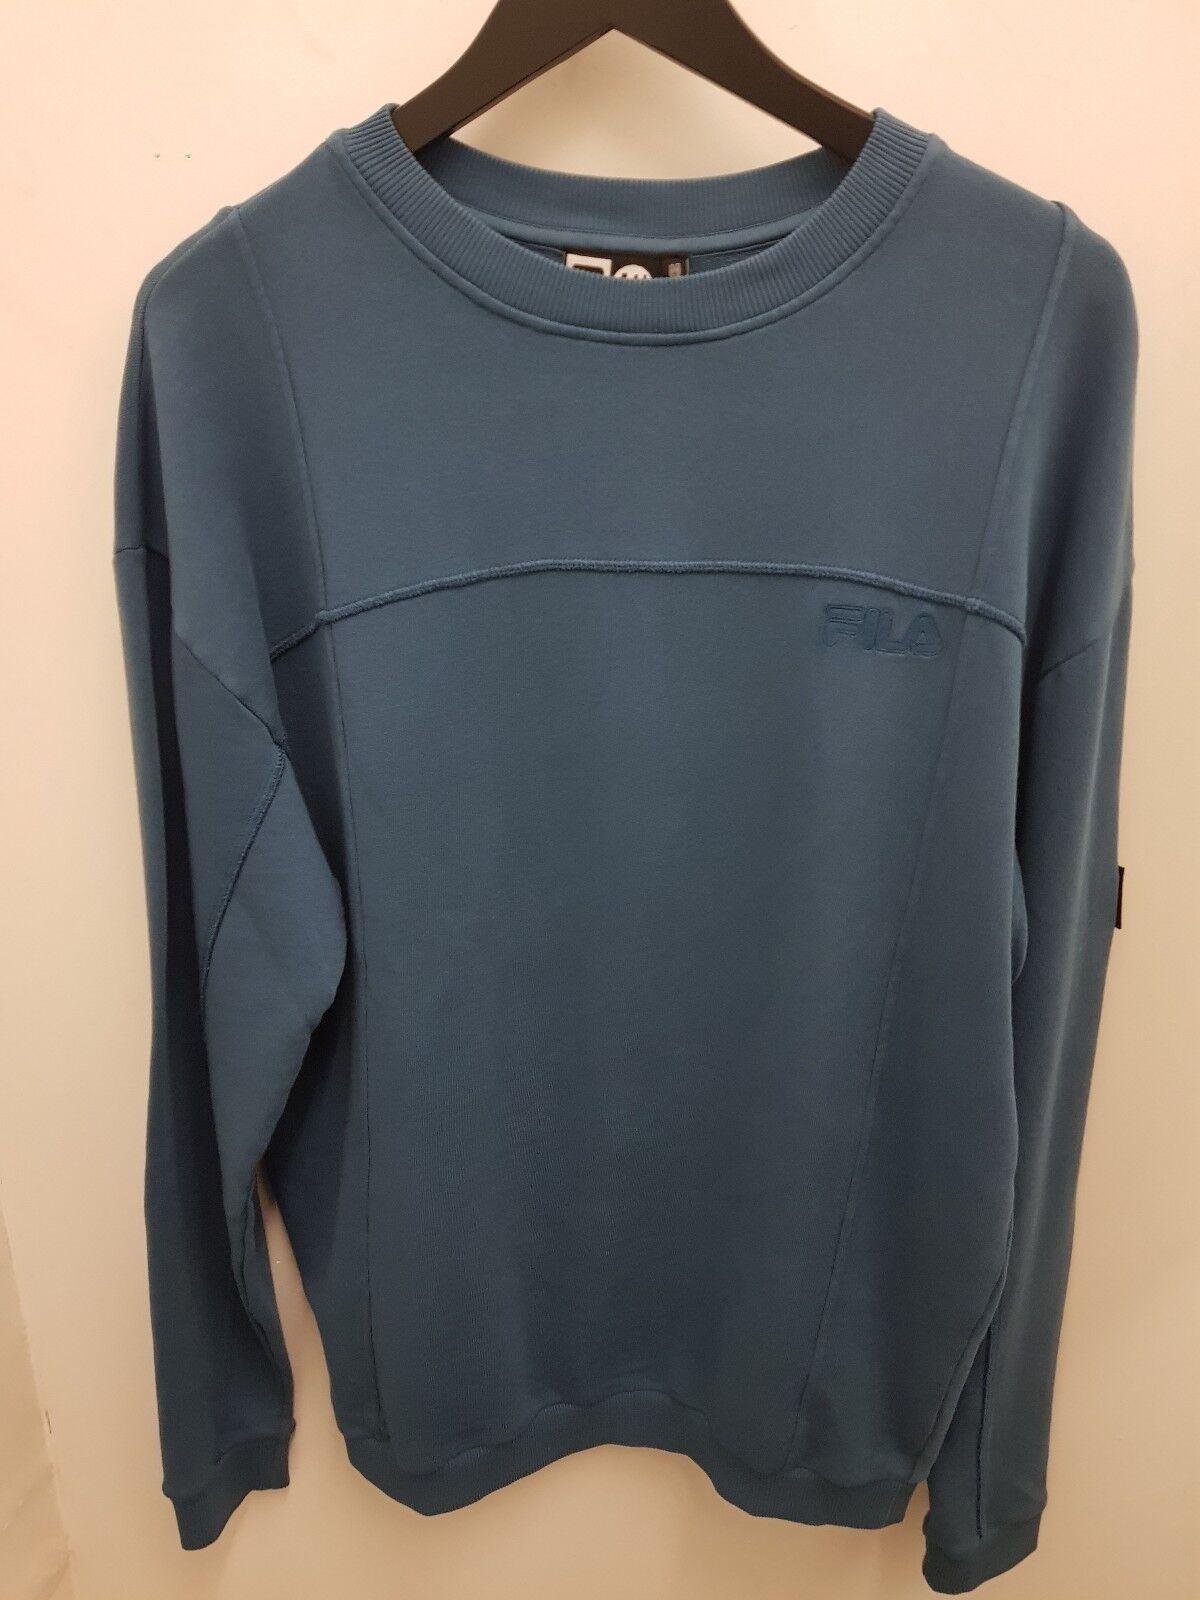 Fila X Liam Hodges  Herren Crew Sweater Blau Ash M Medium